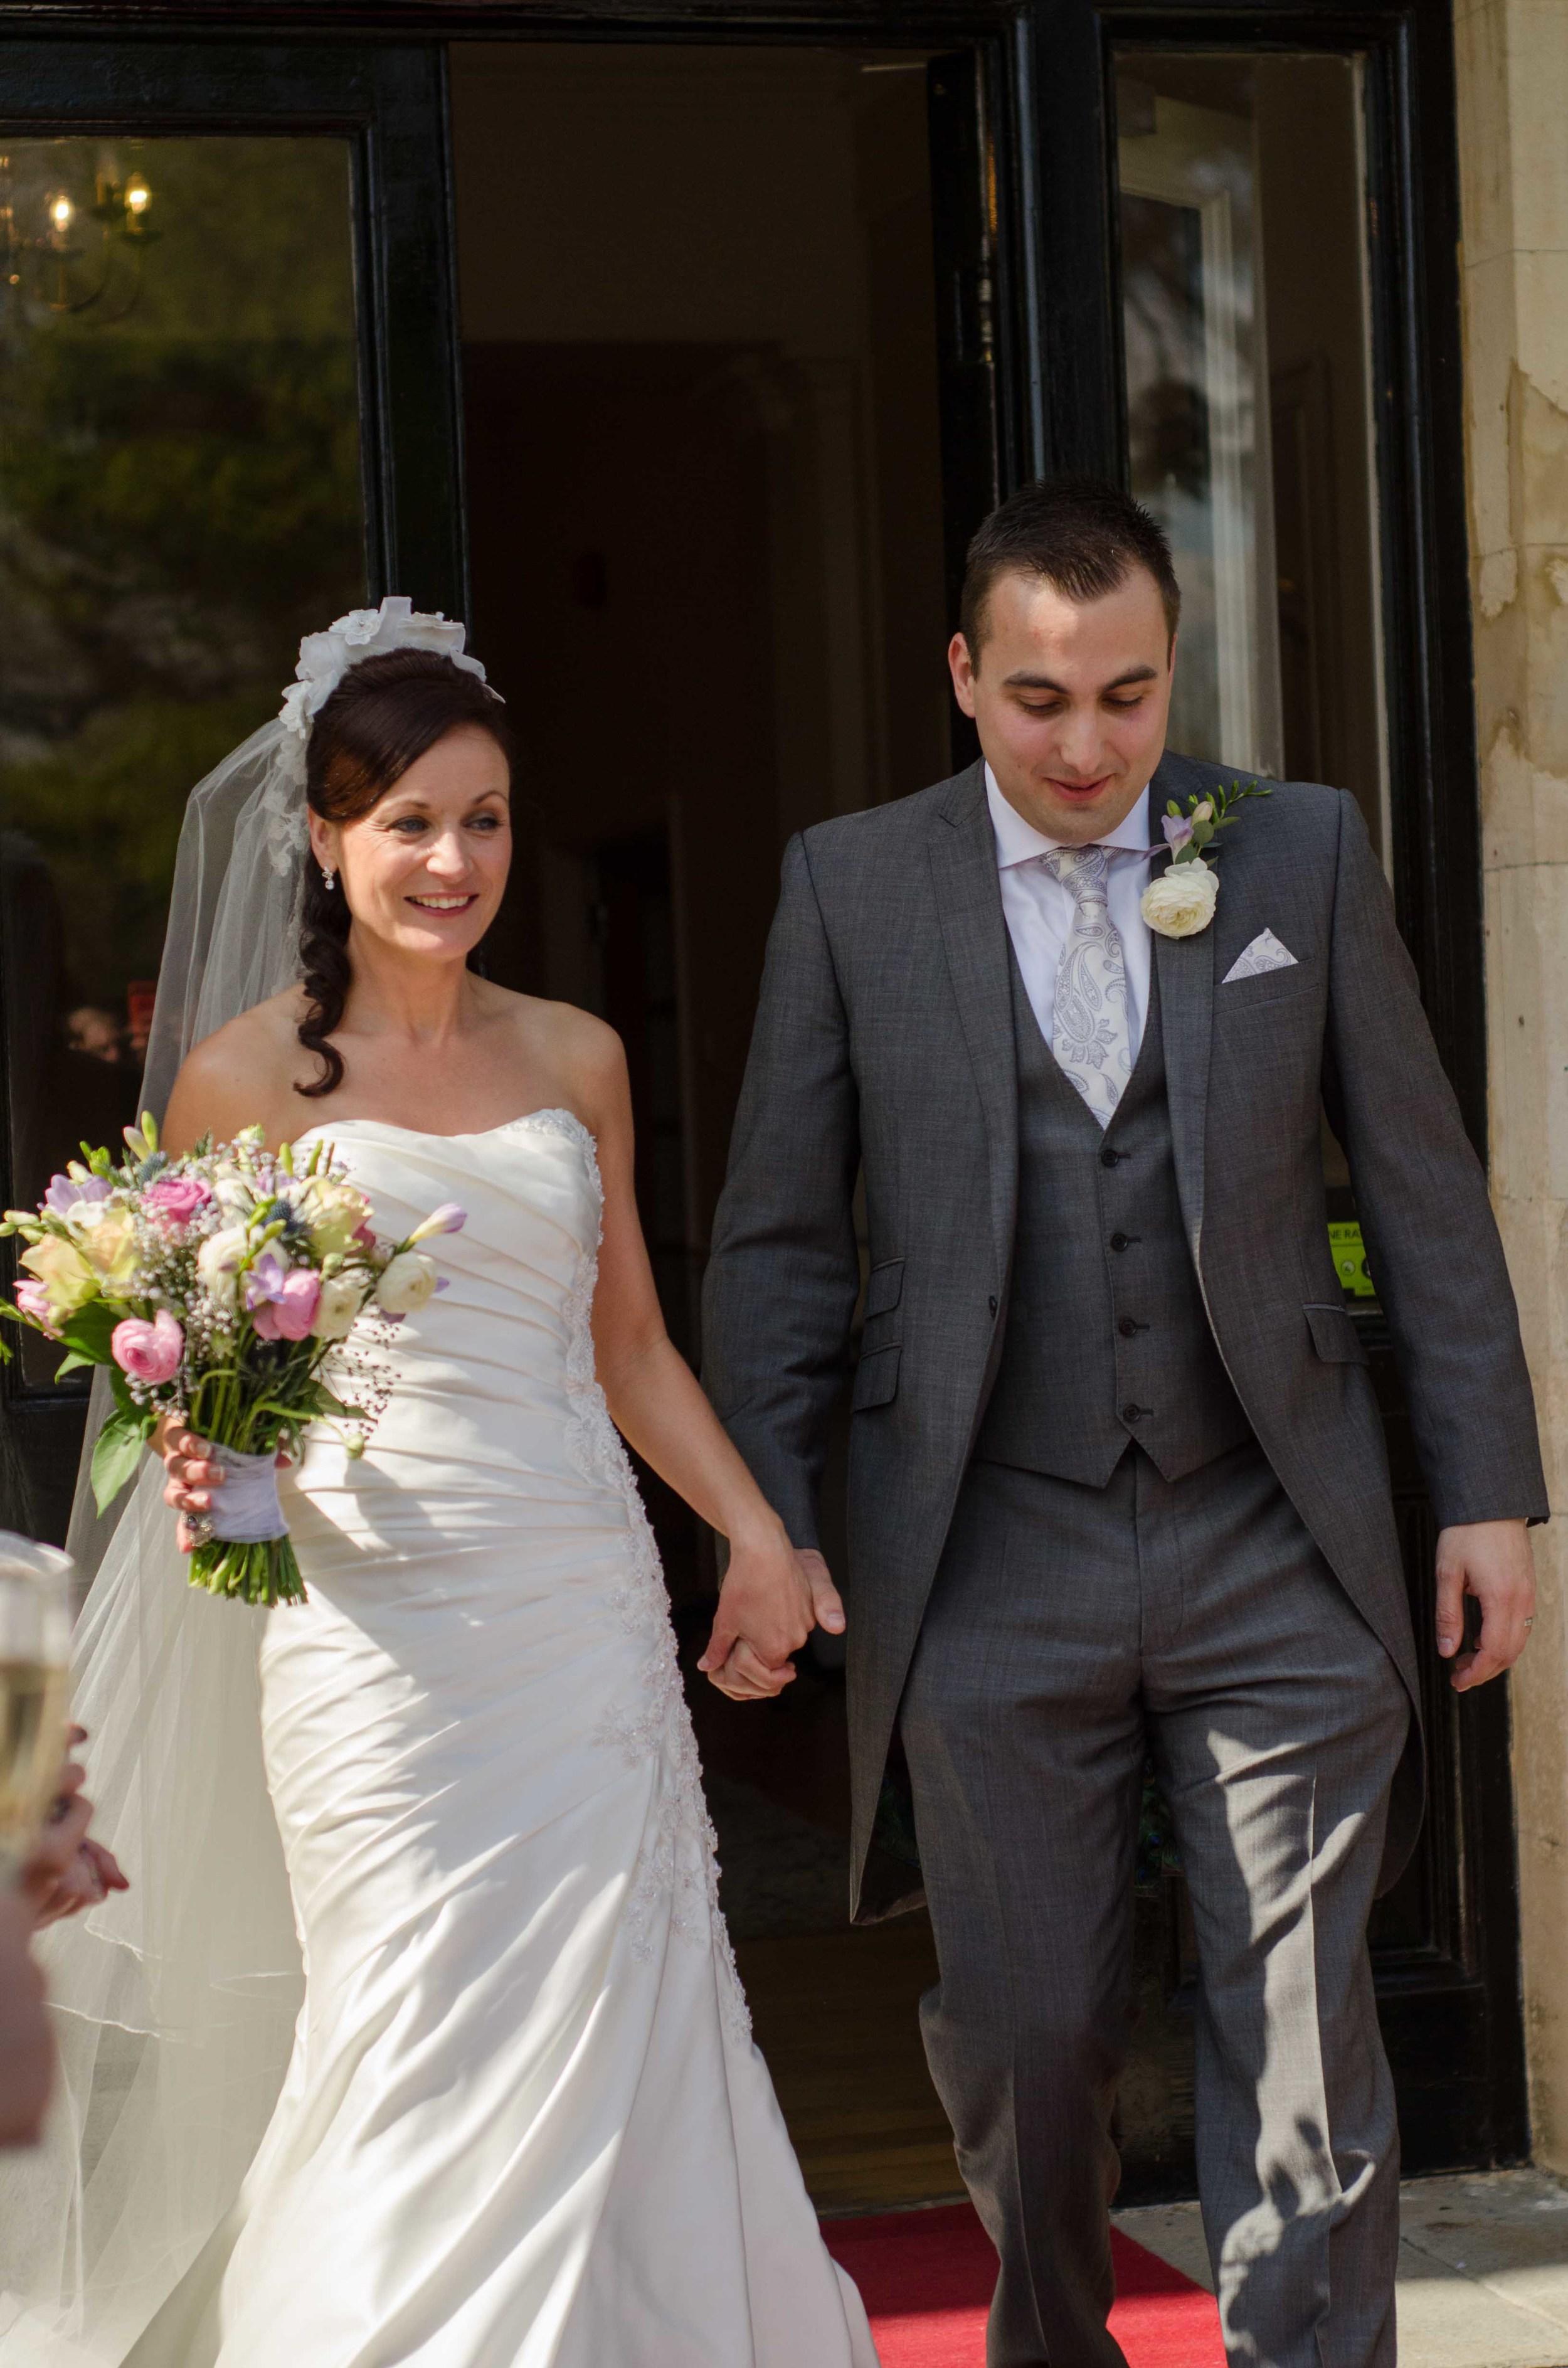 Mike & Jayes Wedding 13.jpg